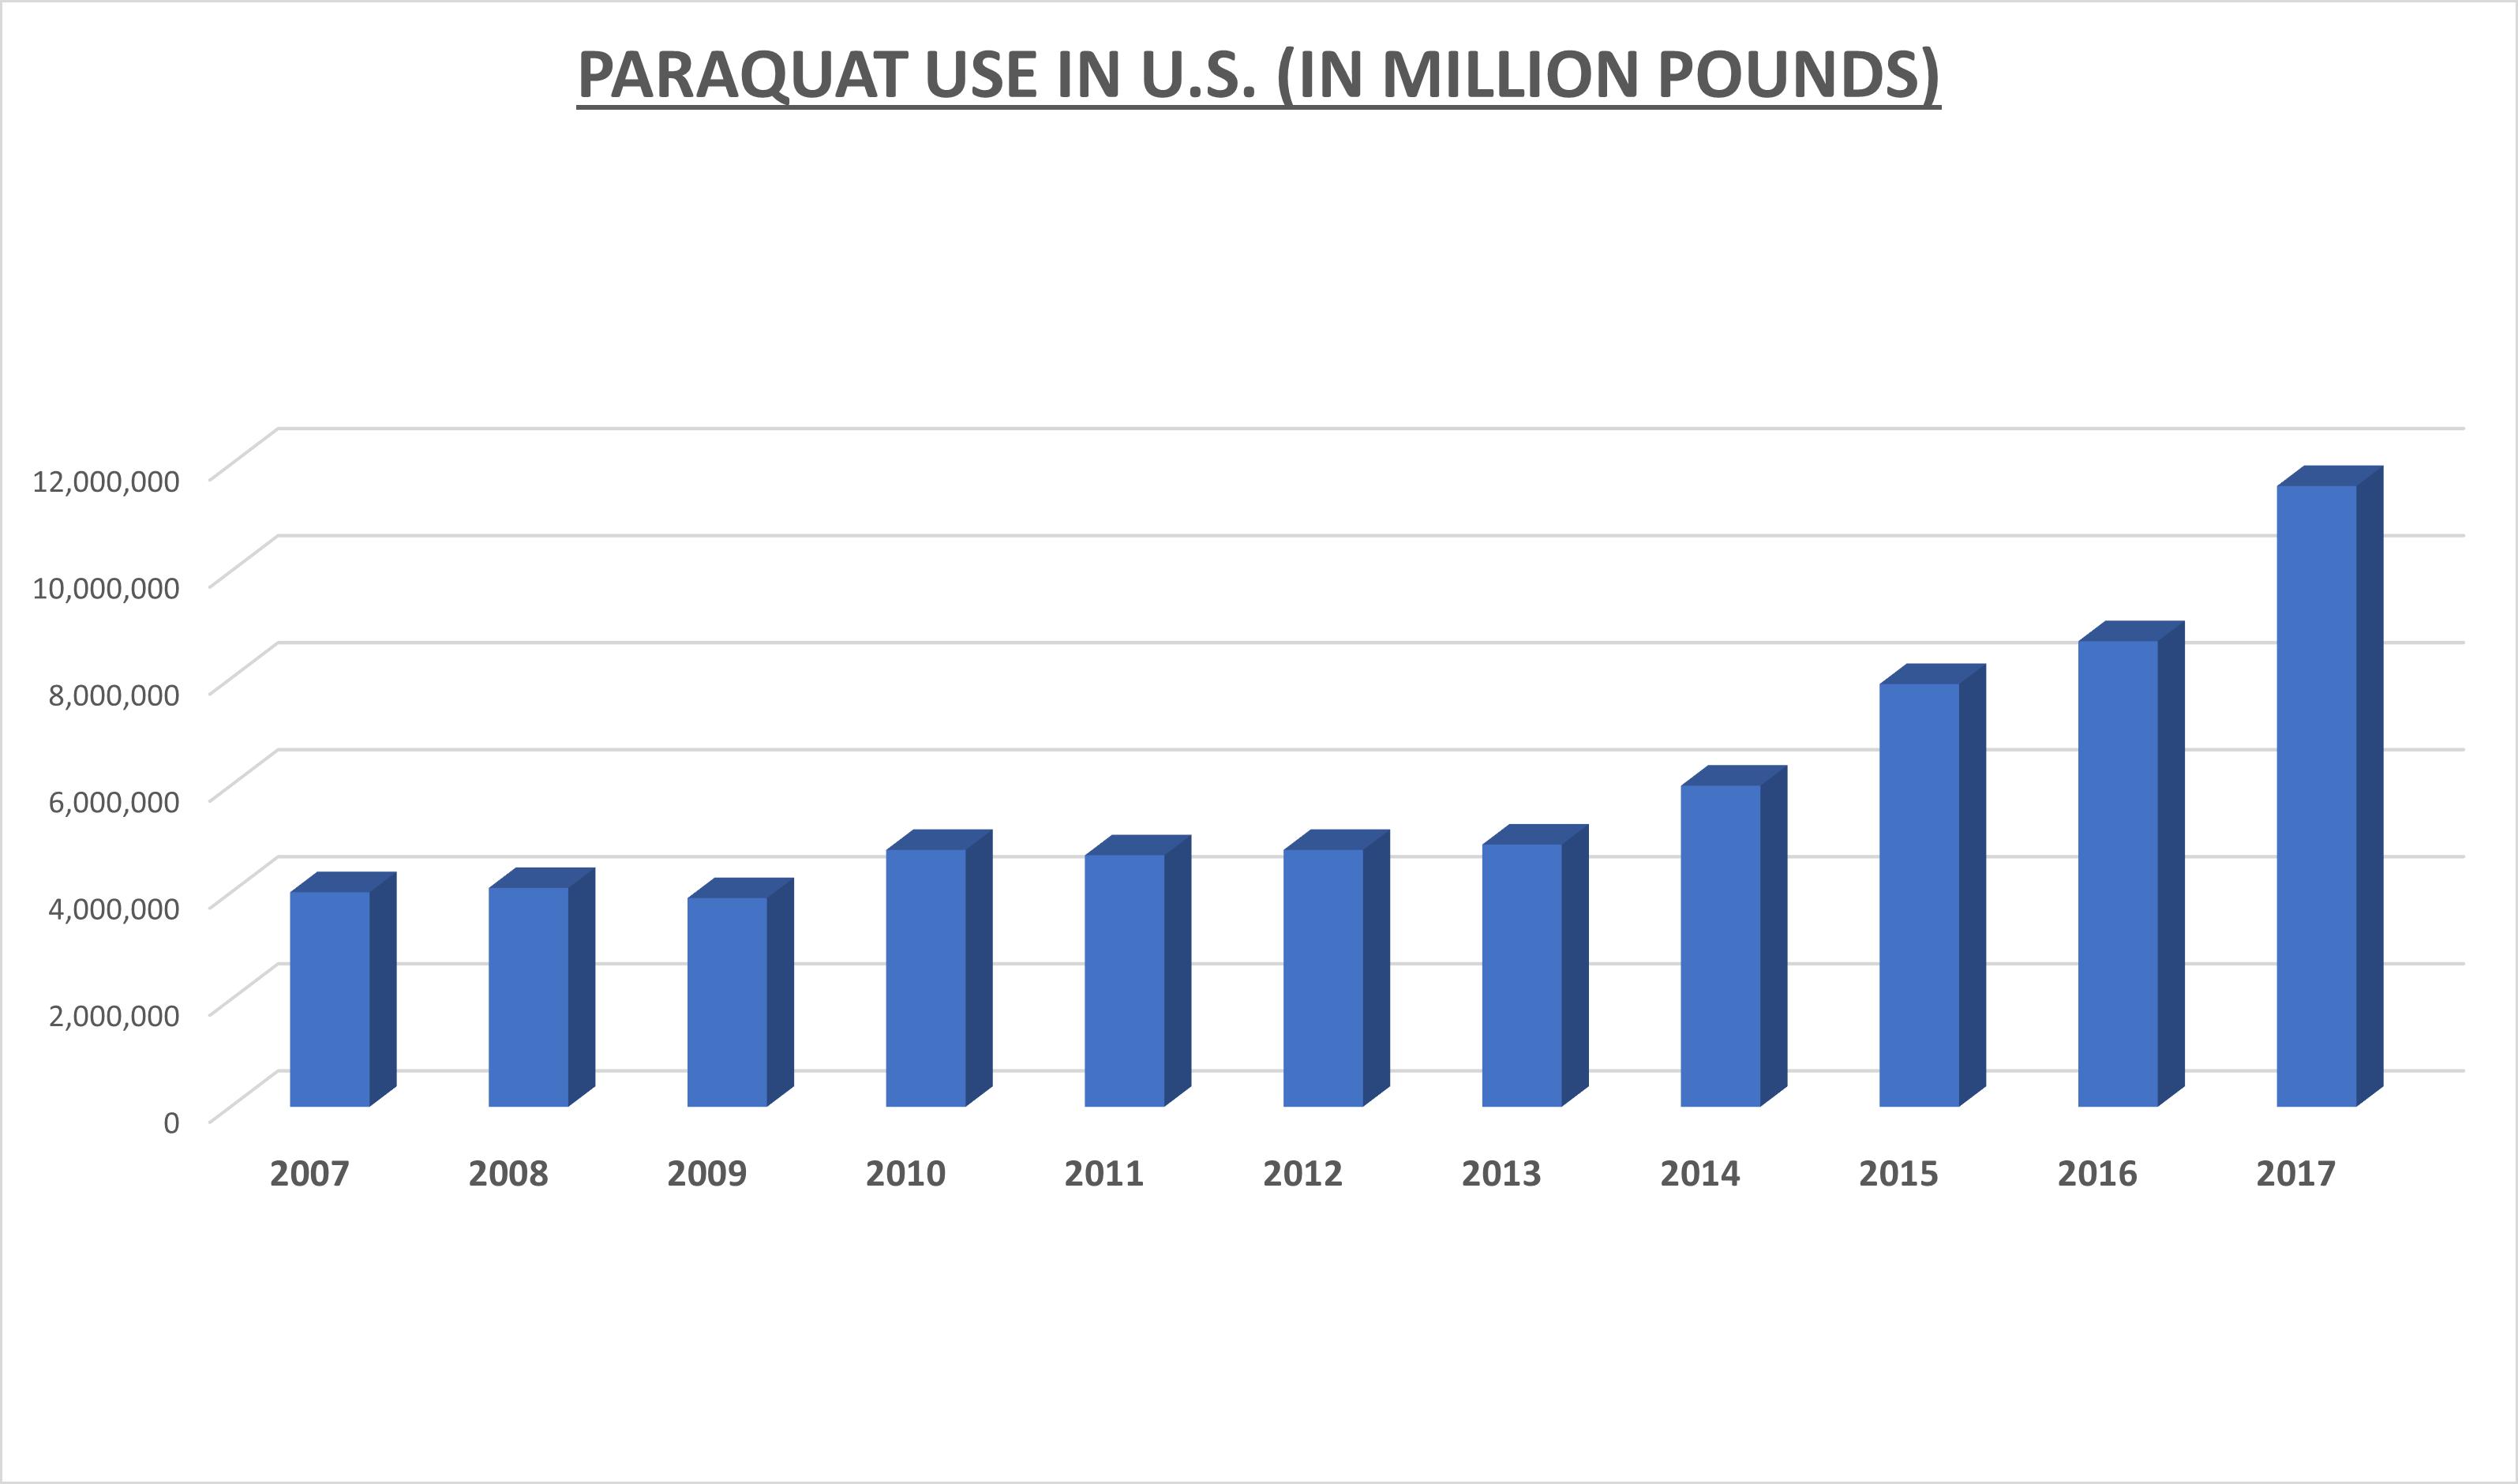 paraquat use in U.S.